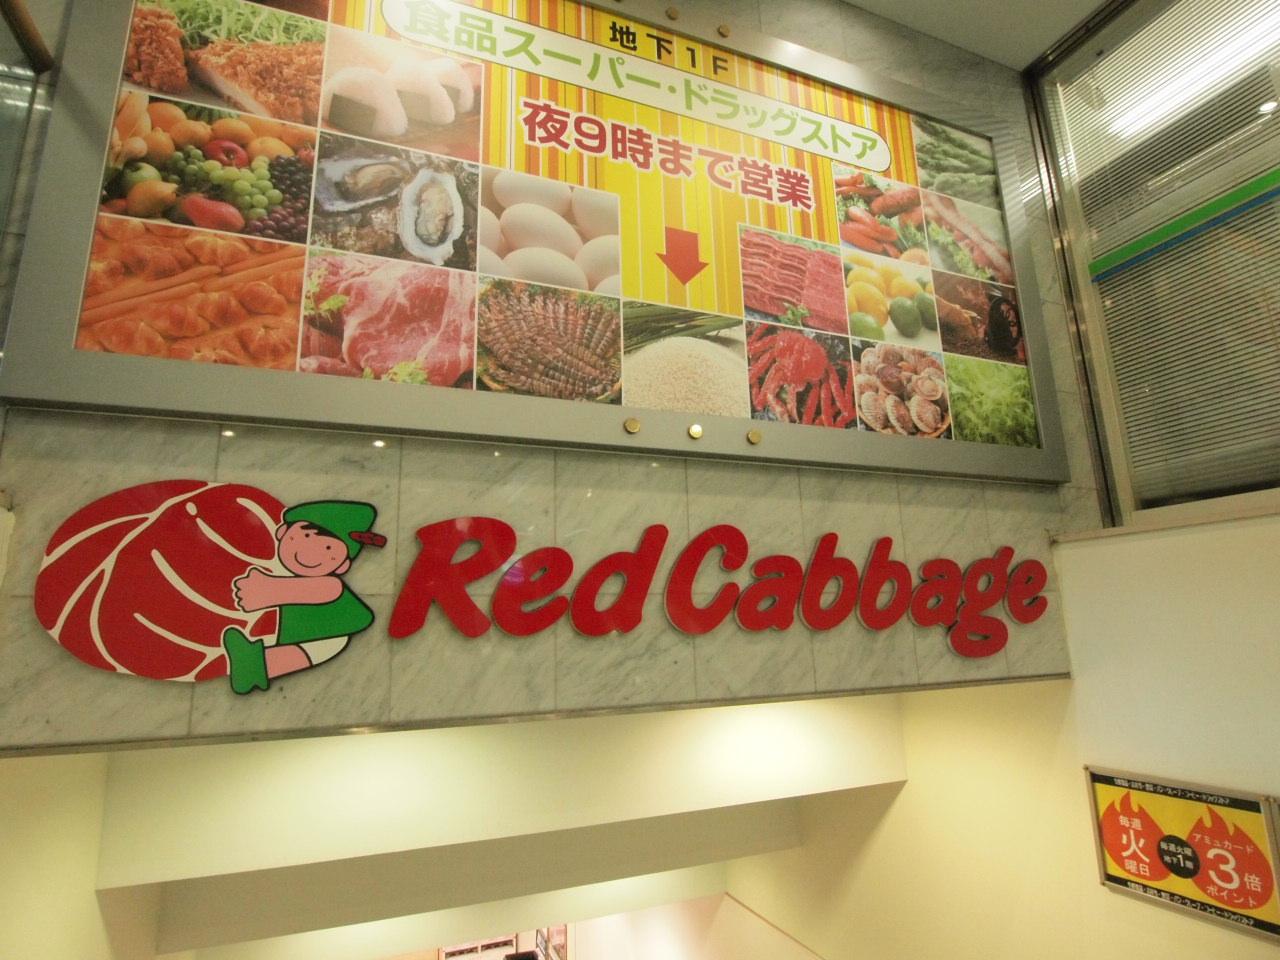 スーパー:Red Cabbage(レッドキャベツ) 小倉駅店 458m